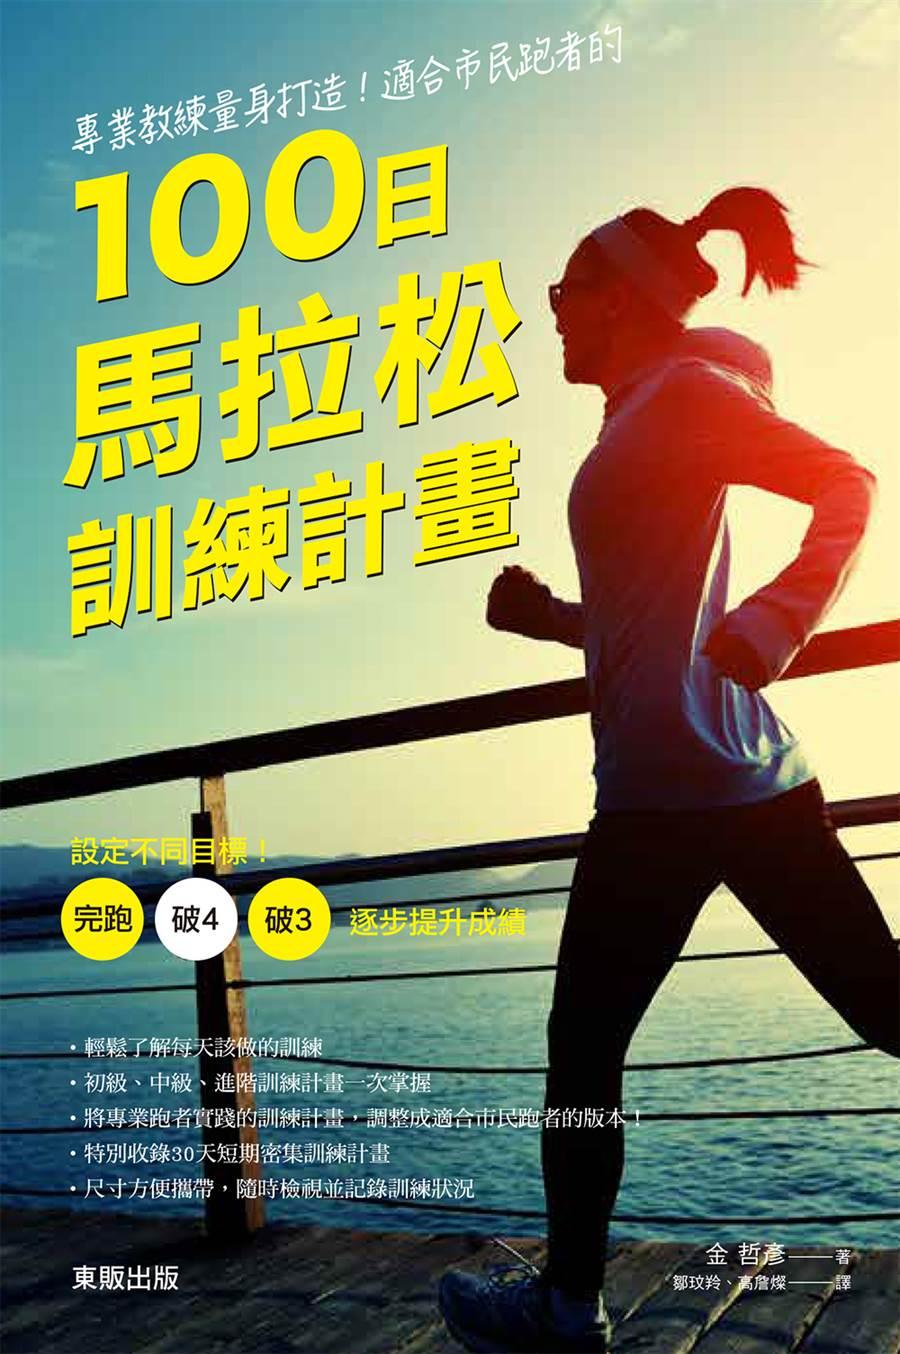 《專業教練量身打造!適合市民跑者的100日馬拉松訓練計畫:設定不同目標!完跑‧破4‧破3,逐步提升成績》/ 台灣東販出版